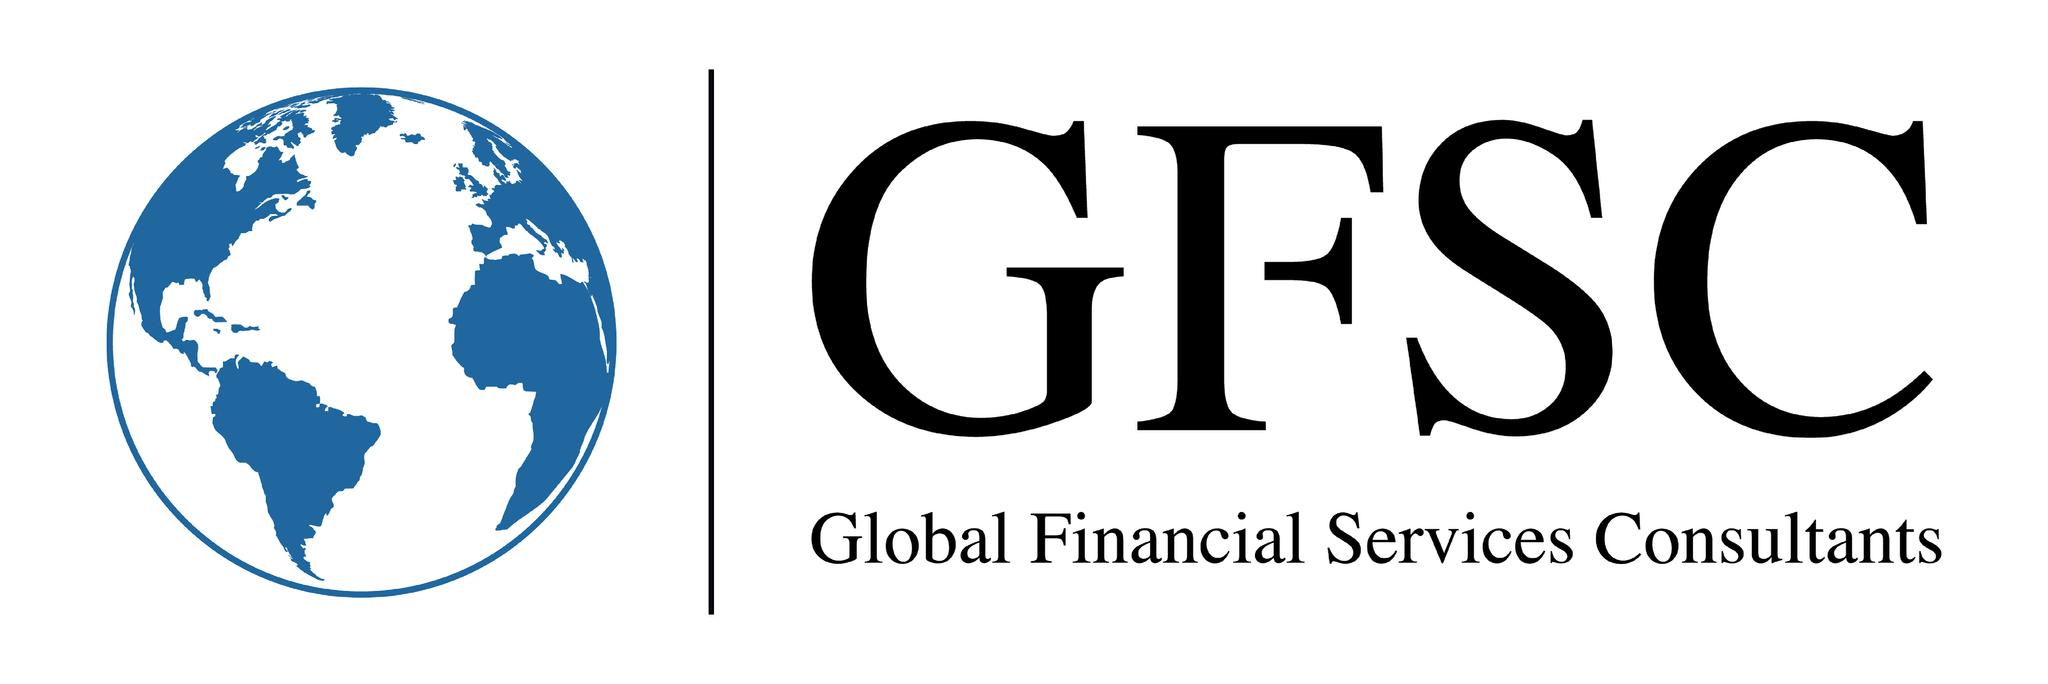 GFSC Global